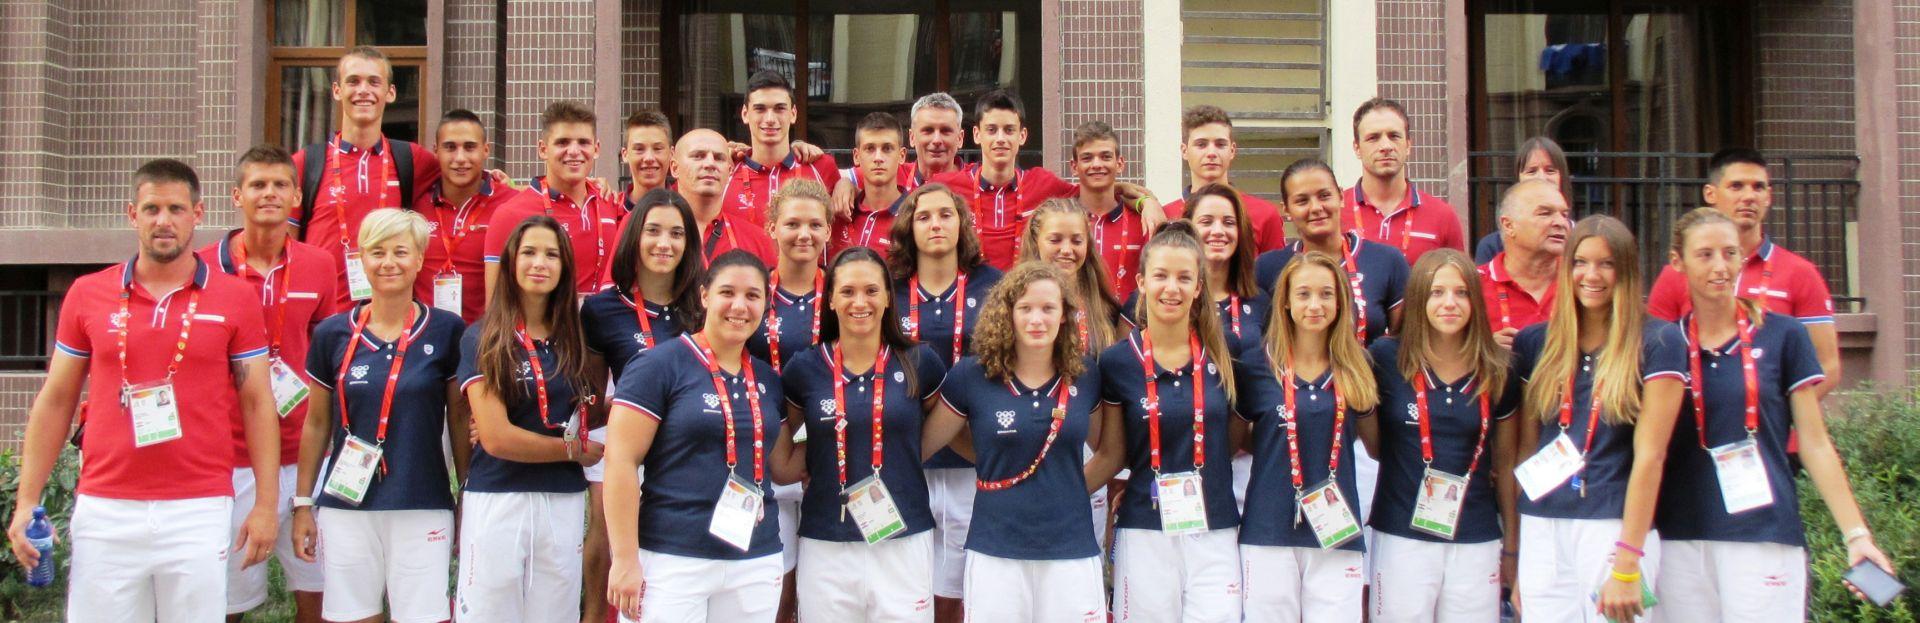 Još dvije medalje za Hrvatsku na EYOF-u